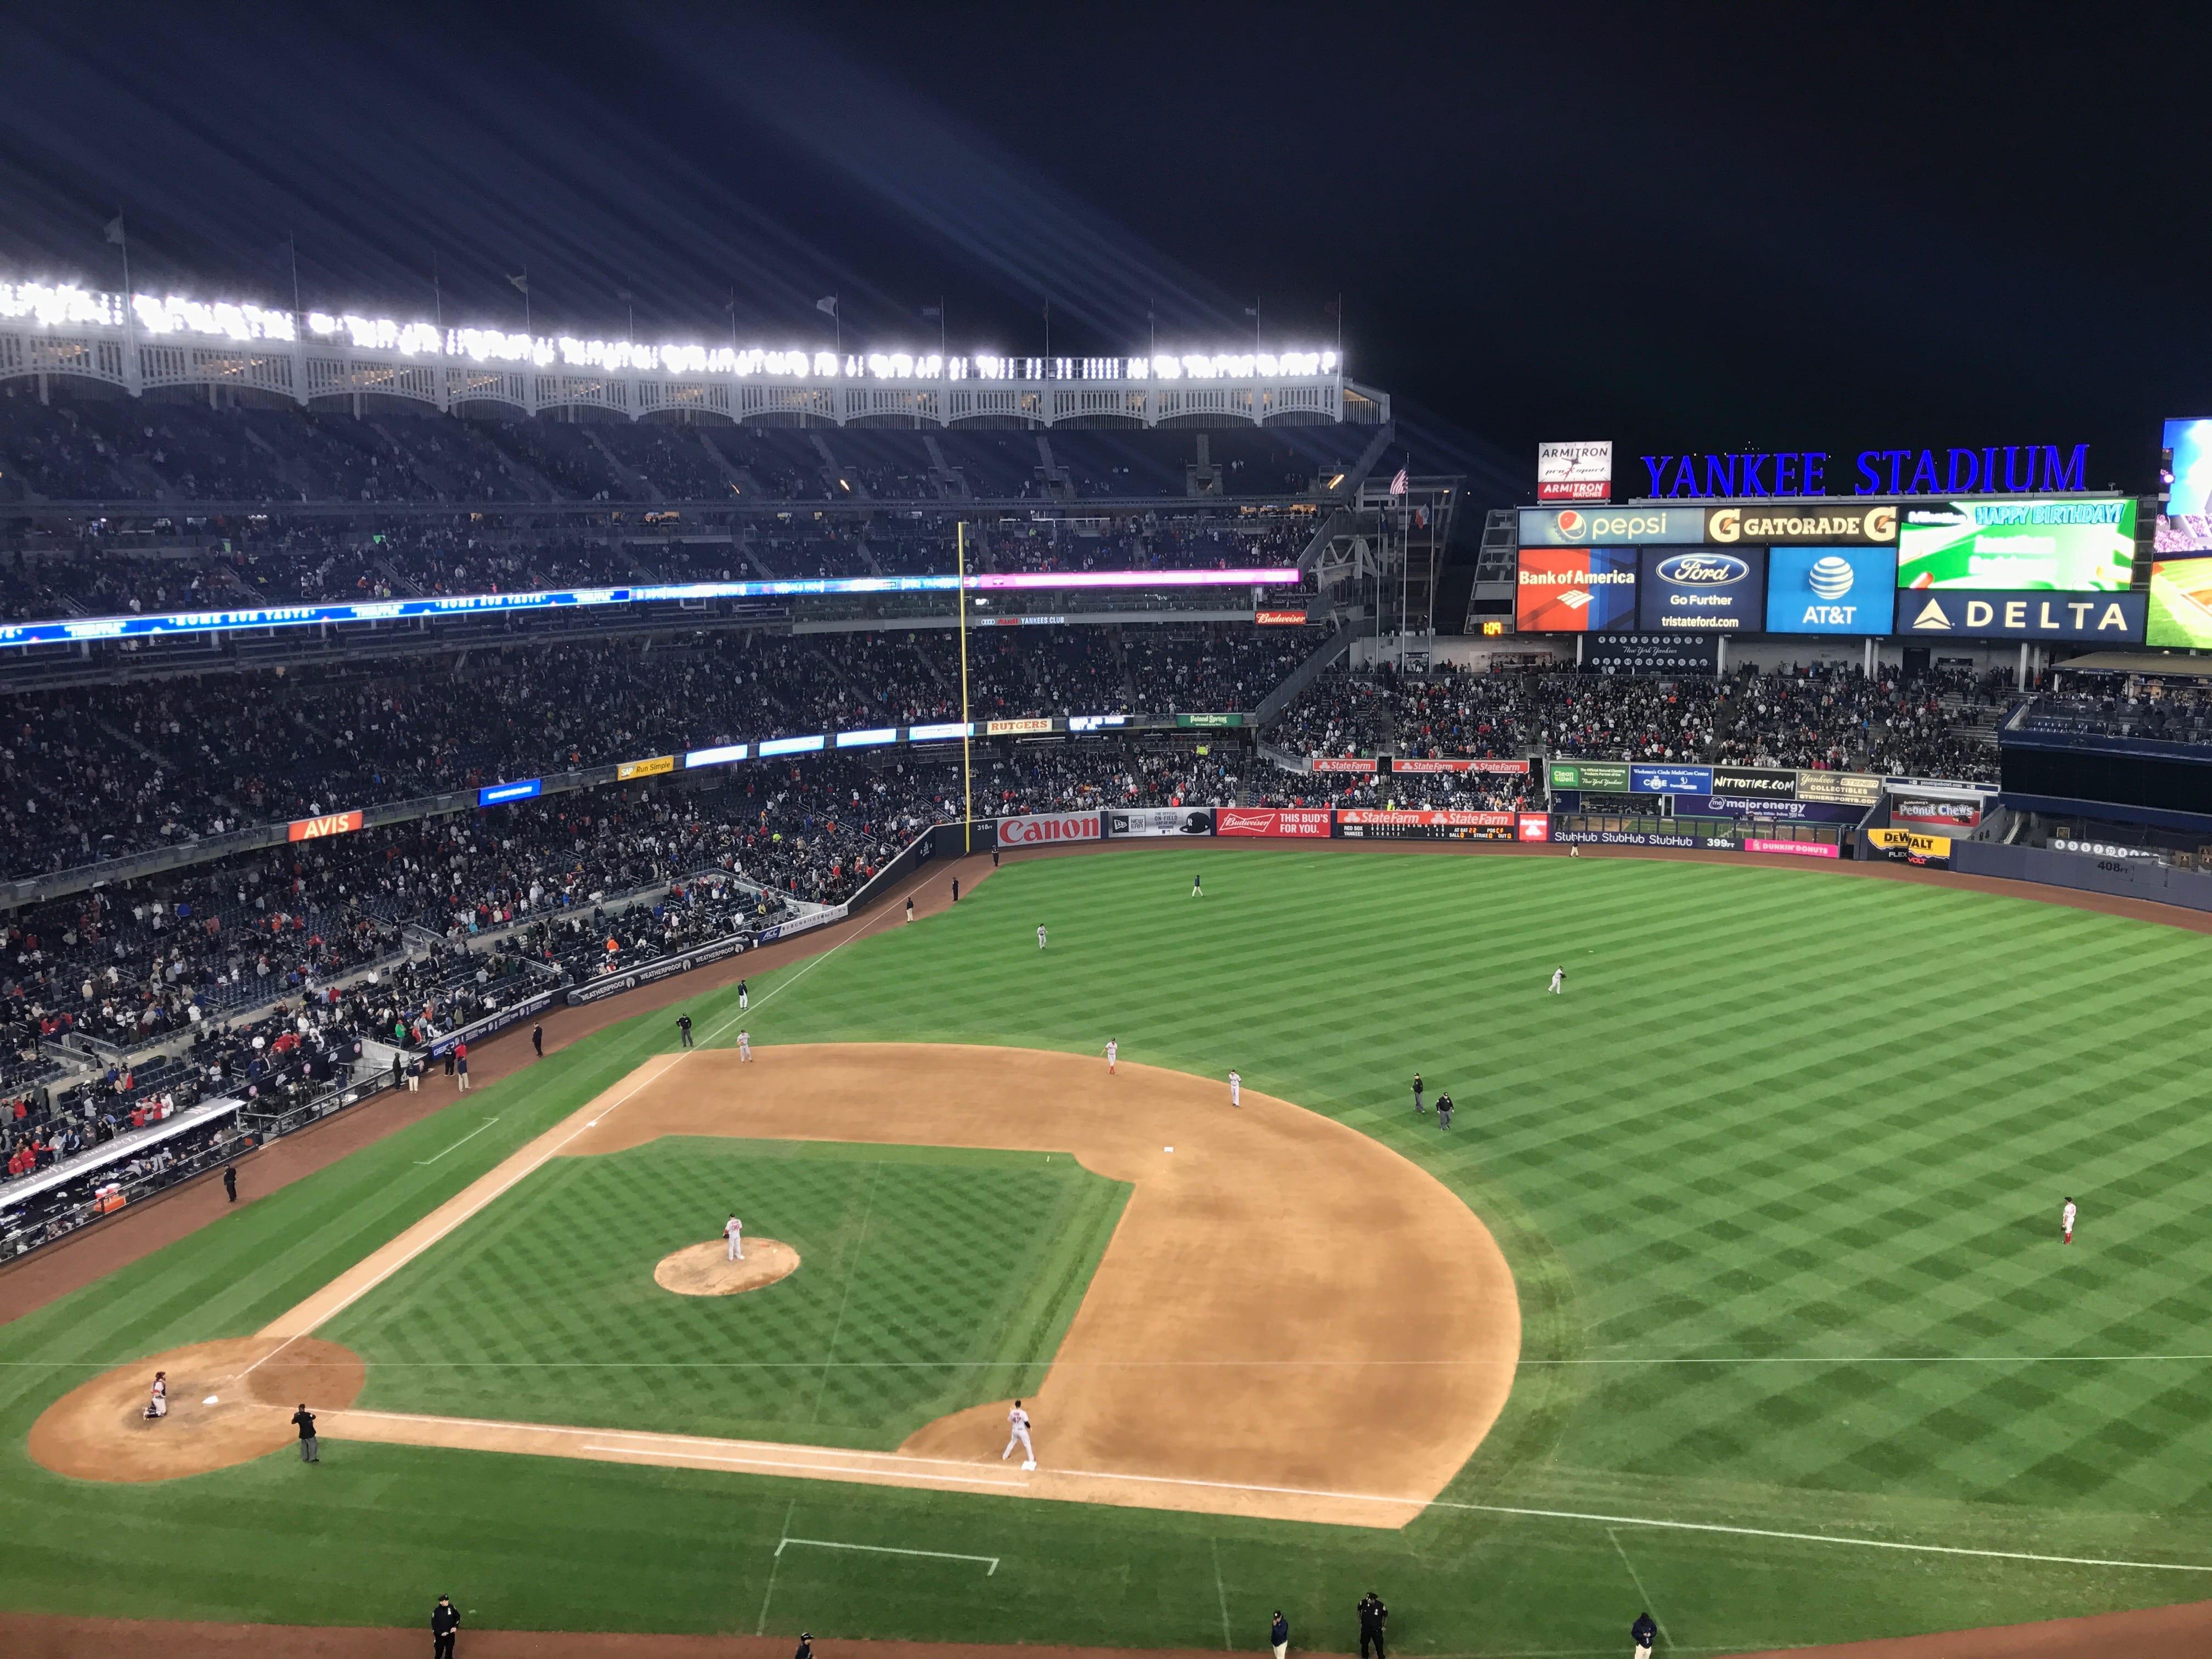 View from Yankees Stadium